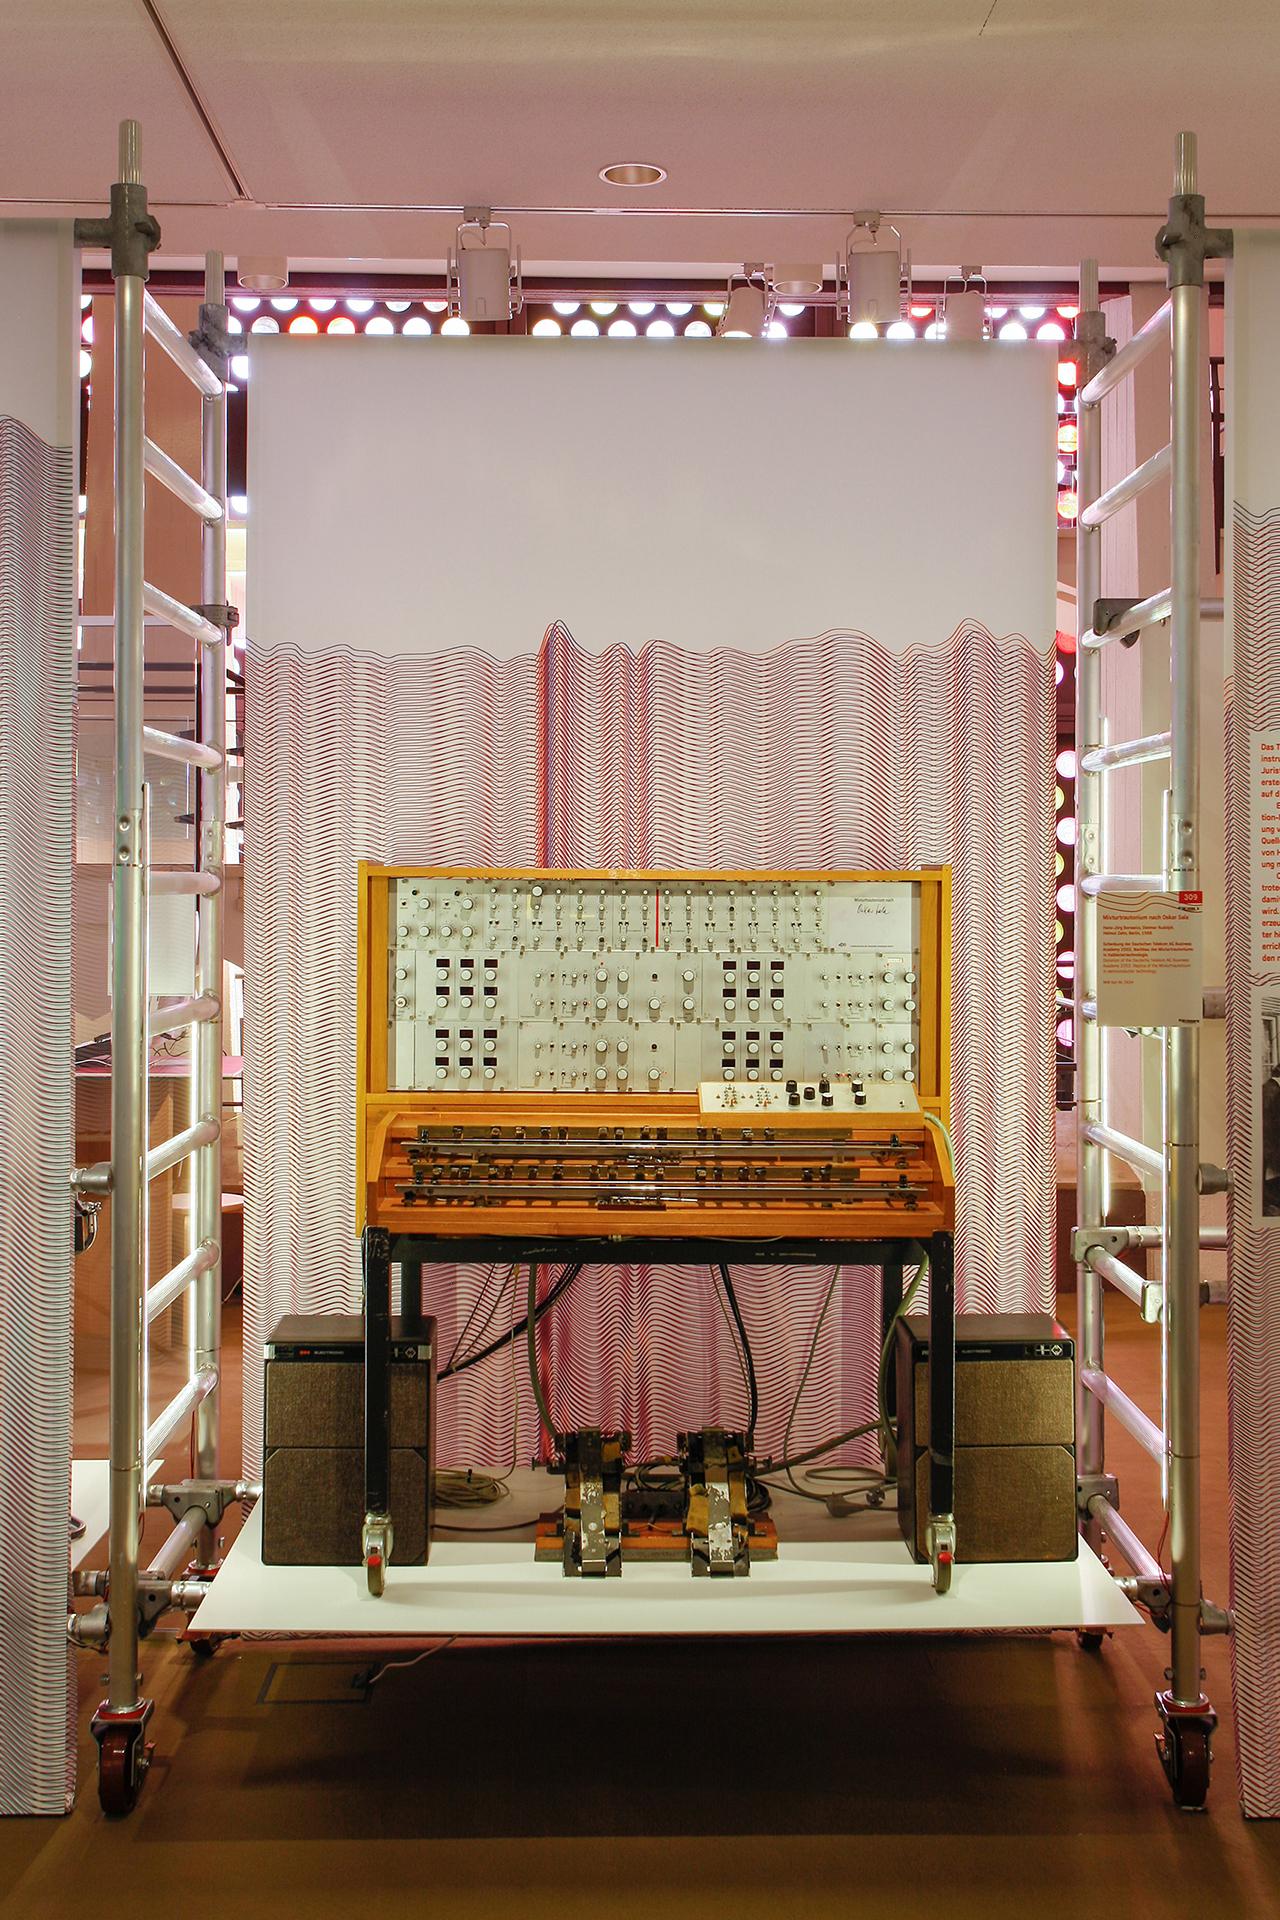 Good Vibrations Musikinstrumenten Museum Berlin Ausstelung Sonderausstellung elektronische Musik Werkzeug Ausstellungsgraphik Grafik Design Interaktion Objektpräsentation